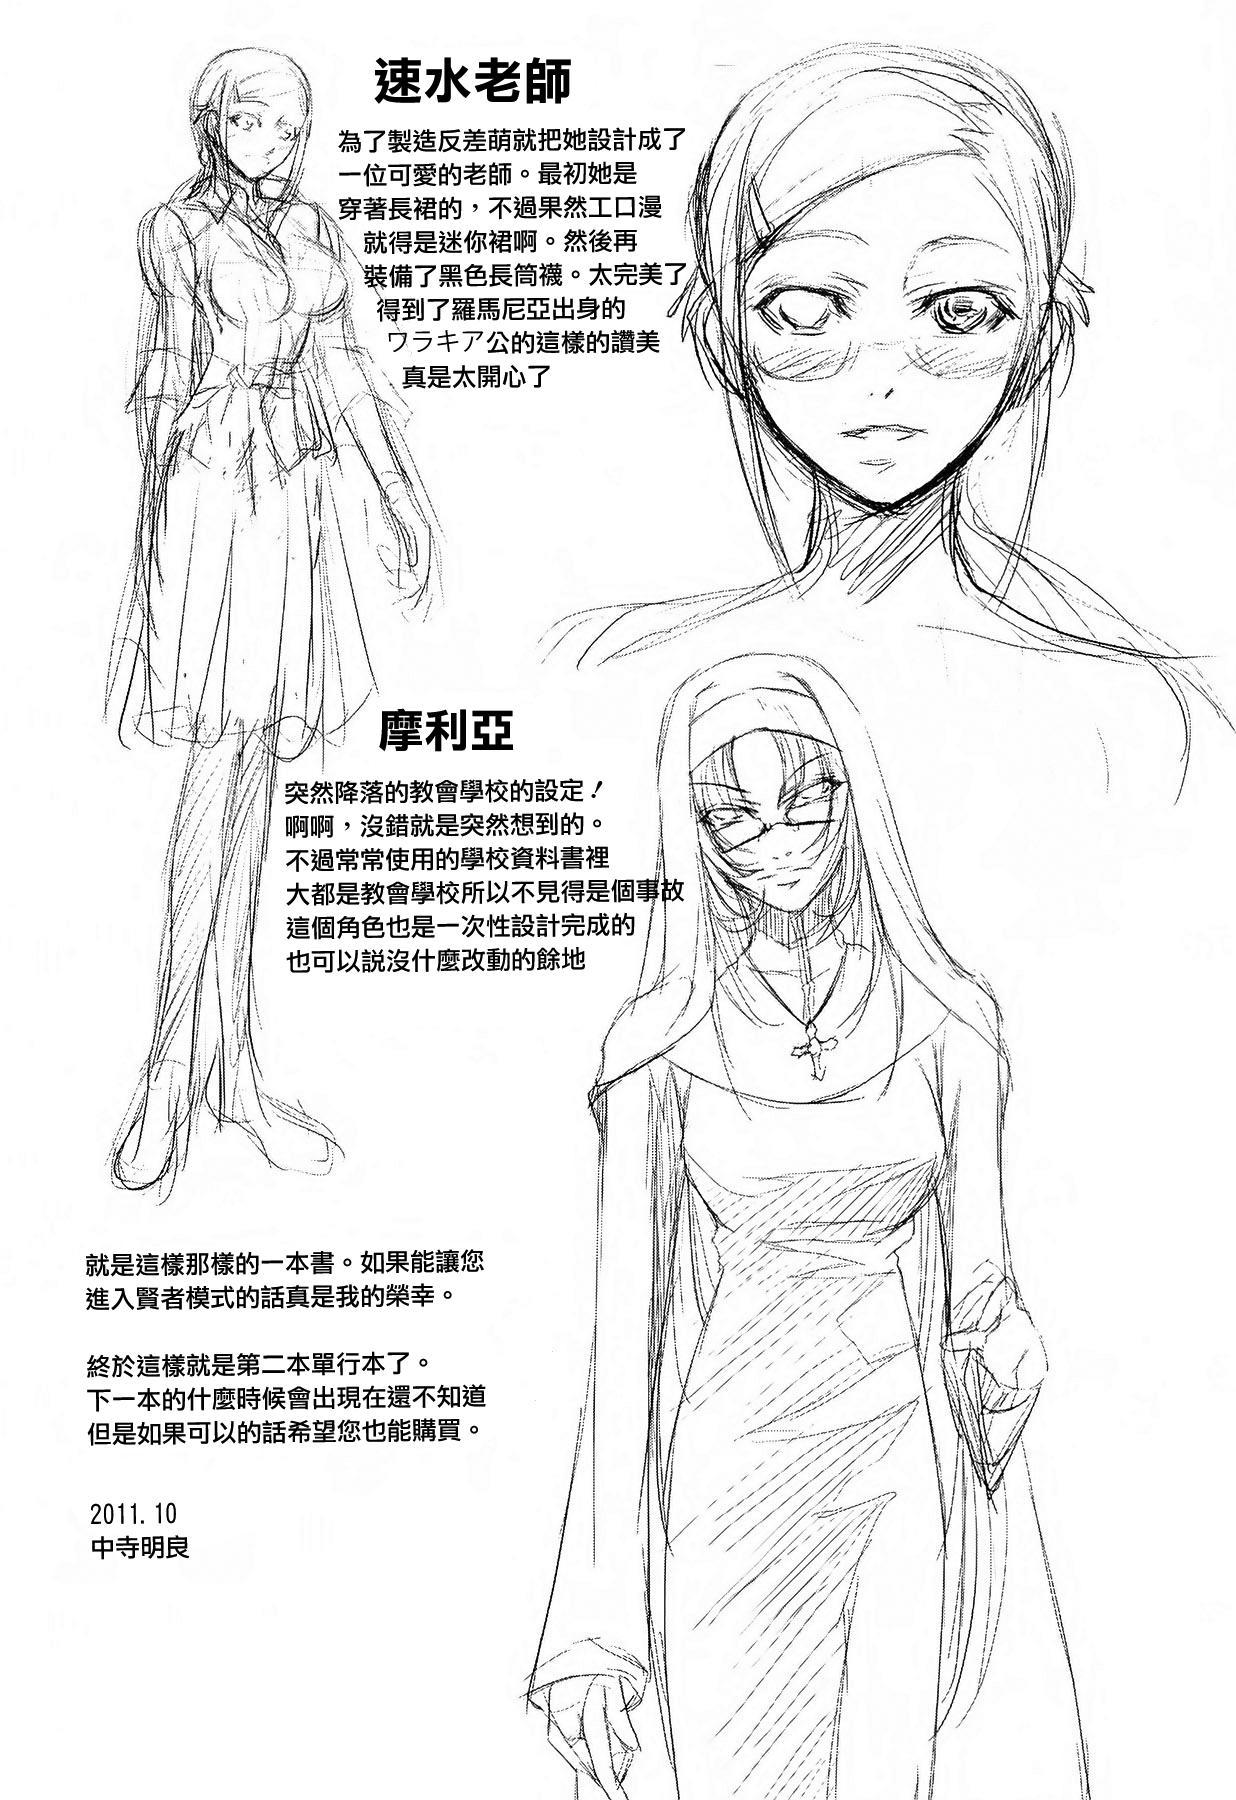 Onna Kyoushi no Renai Jijou 216